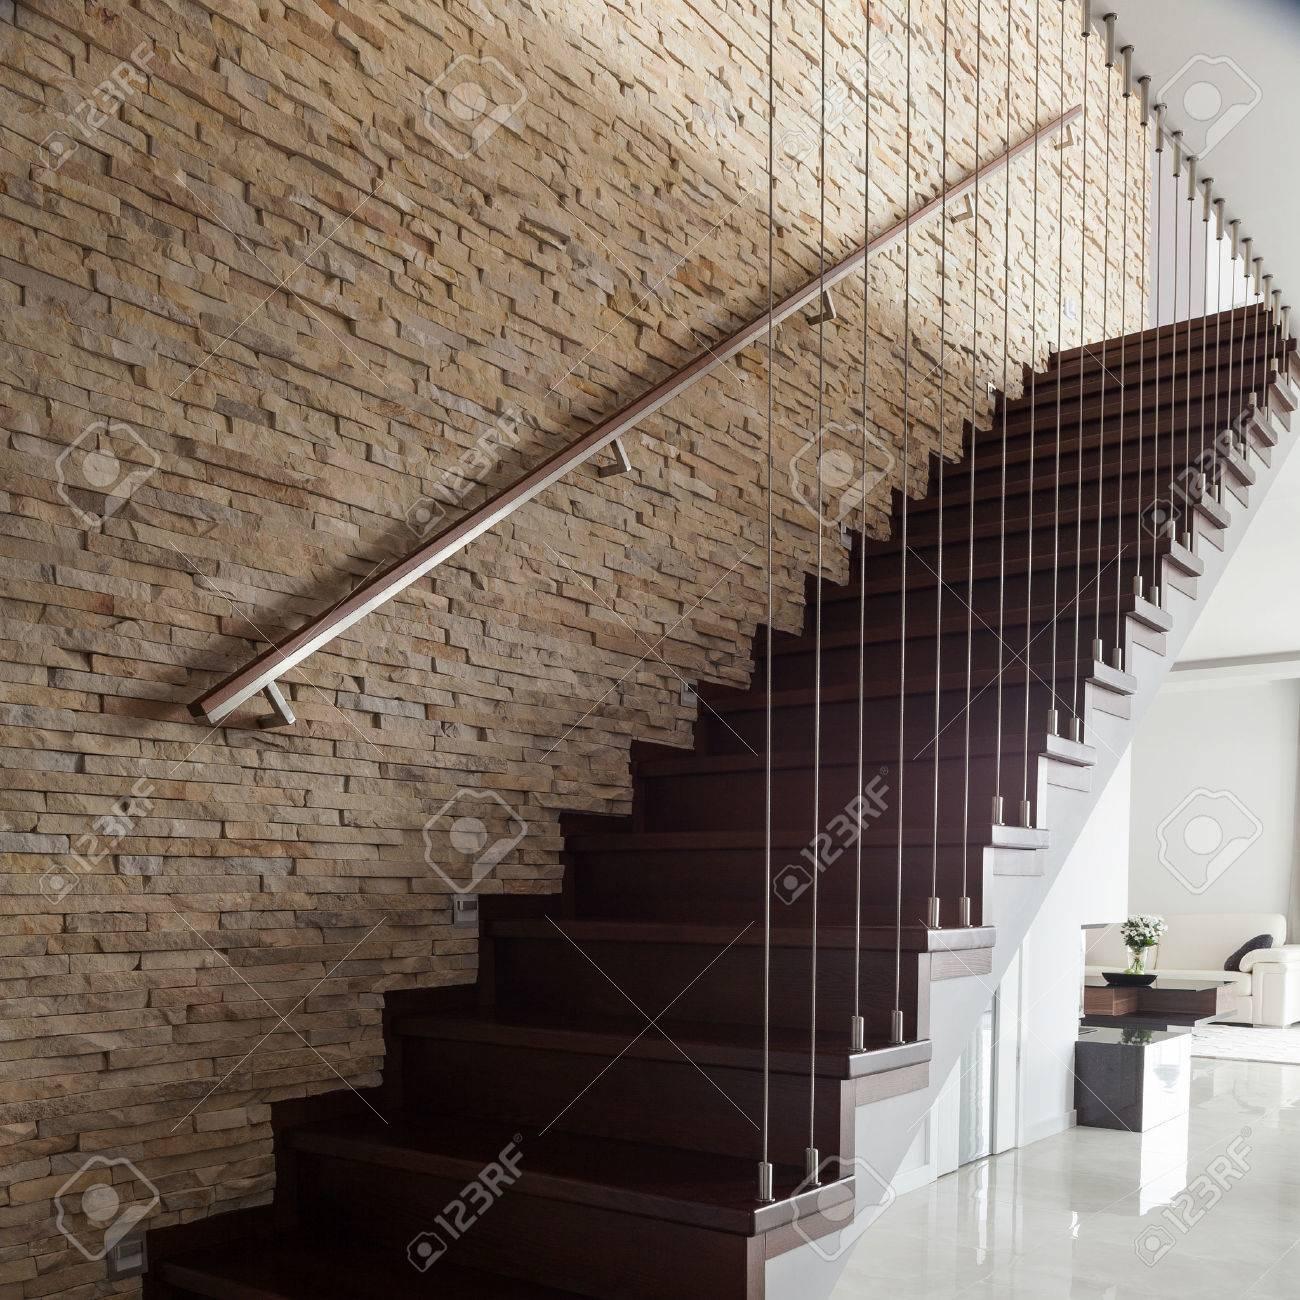 Mur De Brique Et Escaliers En Bois En Intérieur Conçu Banque D ...